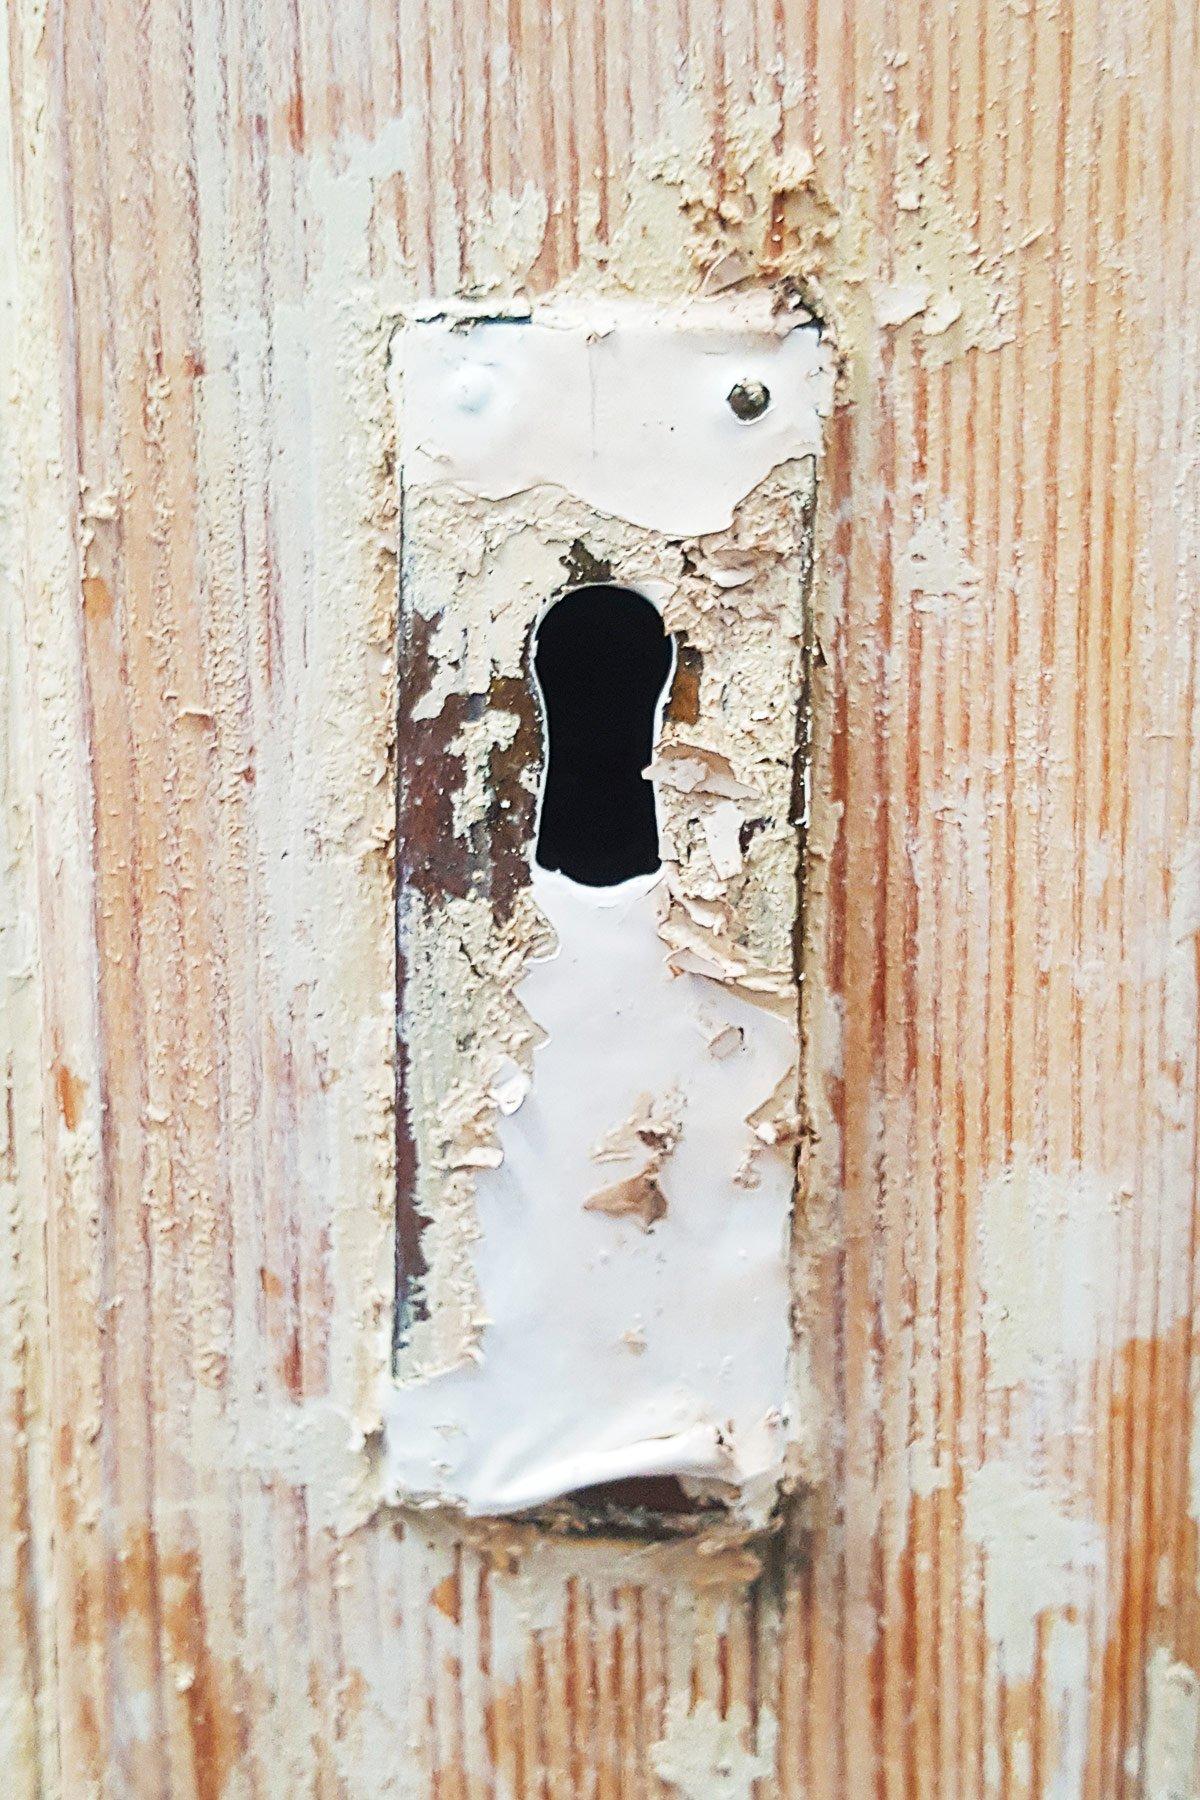 Antique Fridge - Brass Plate Before | Little House On The Corner